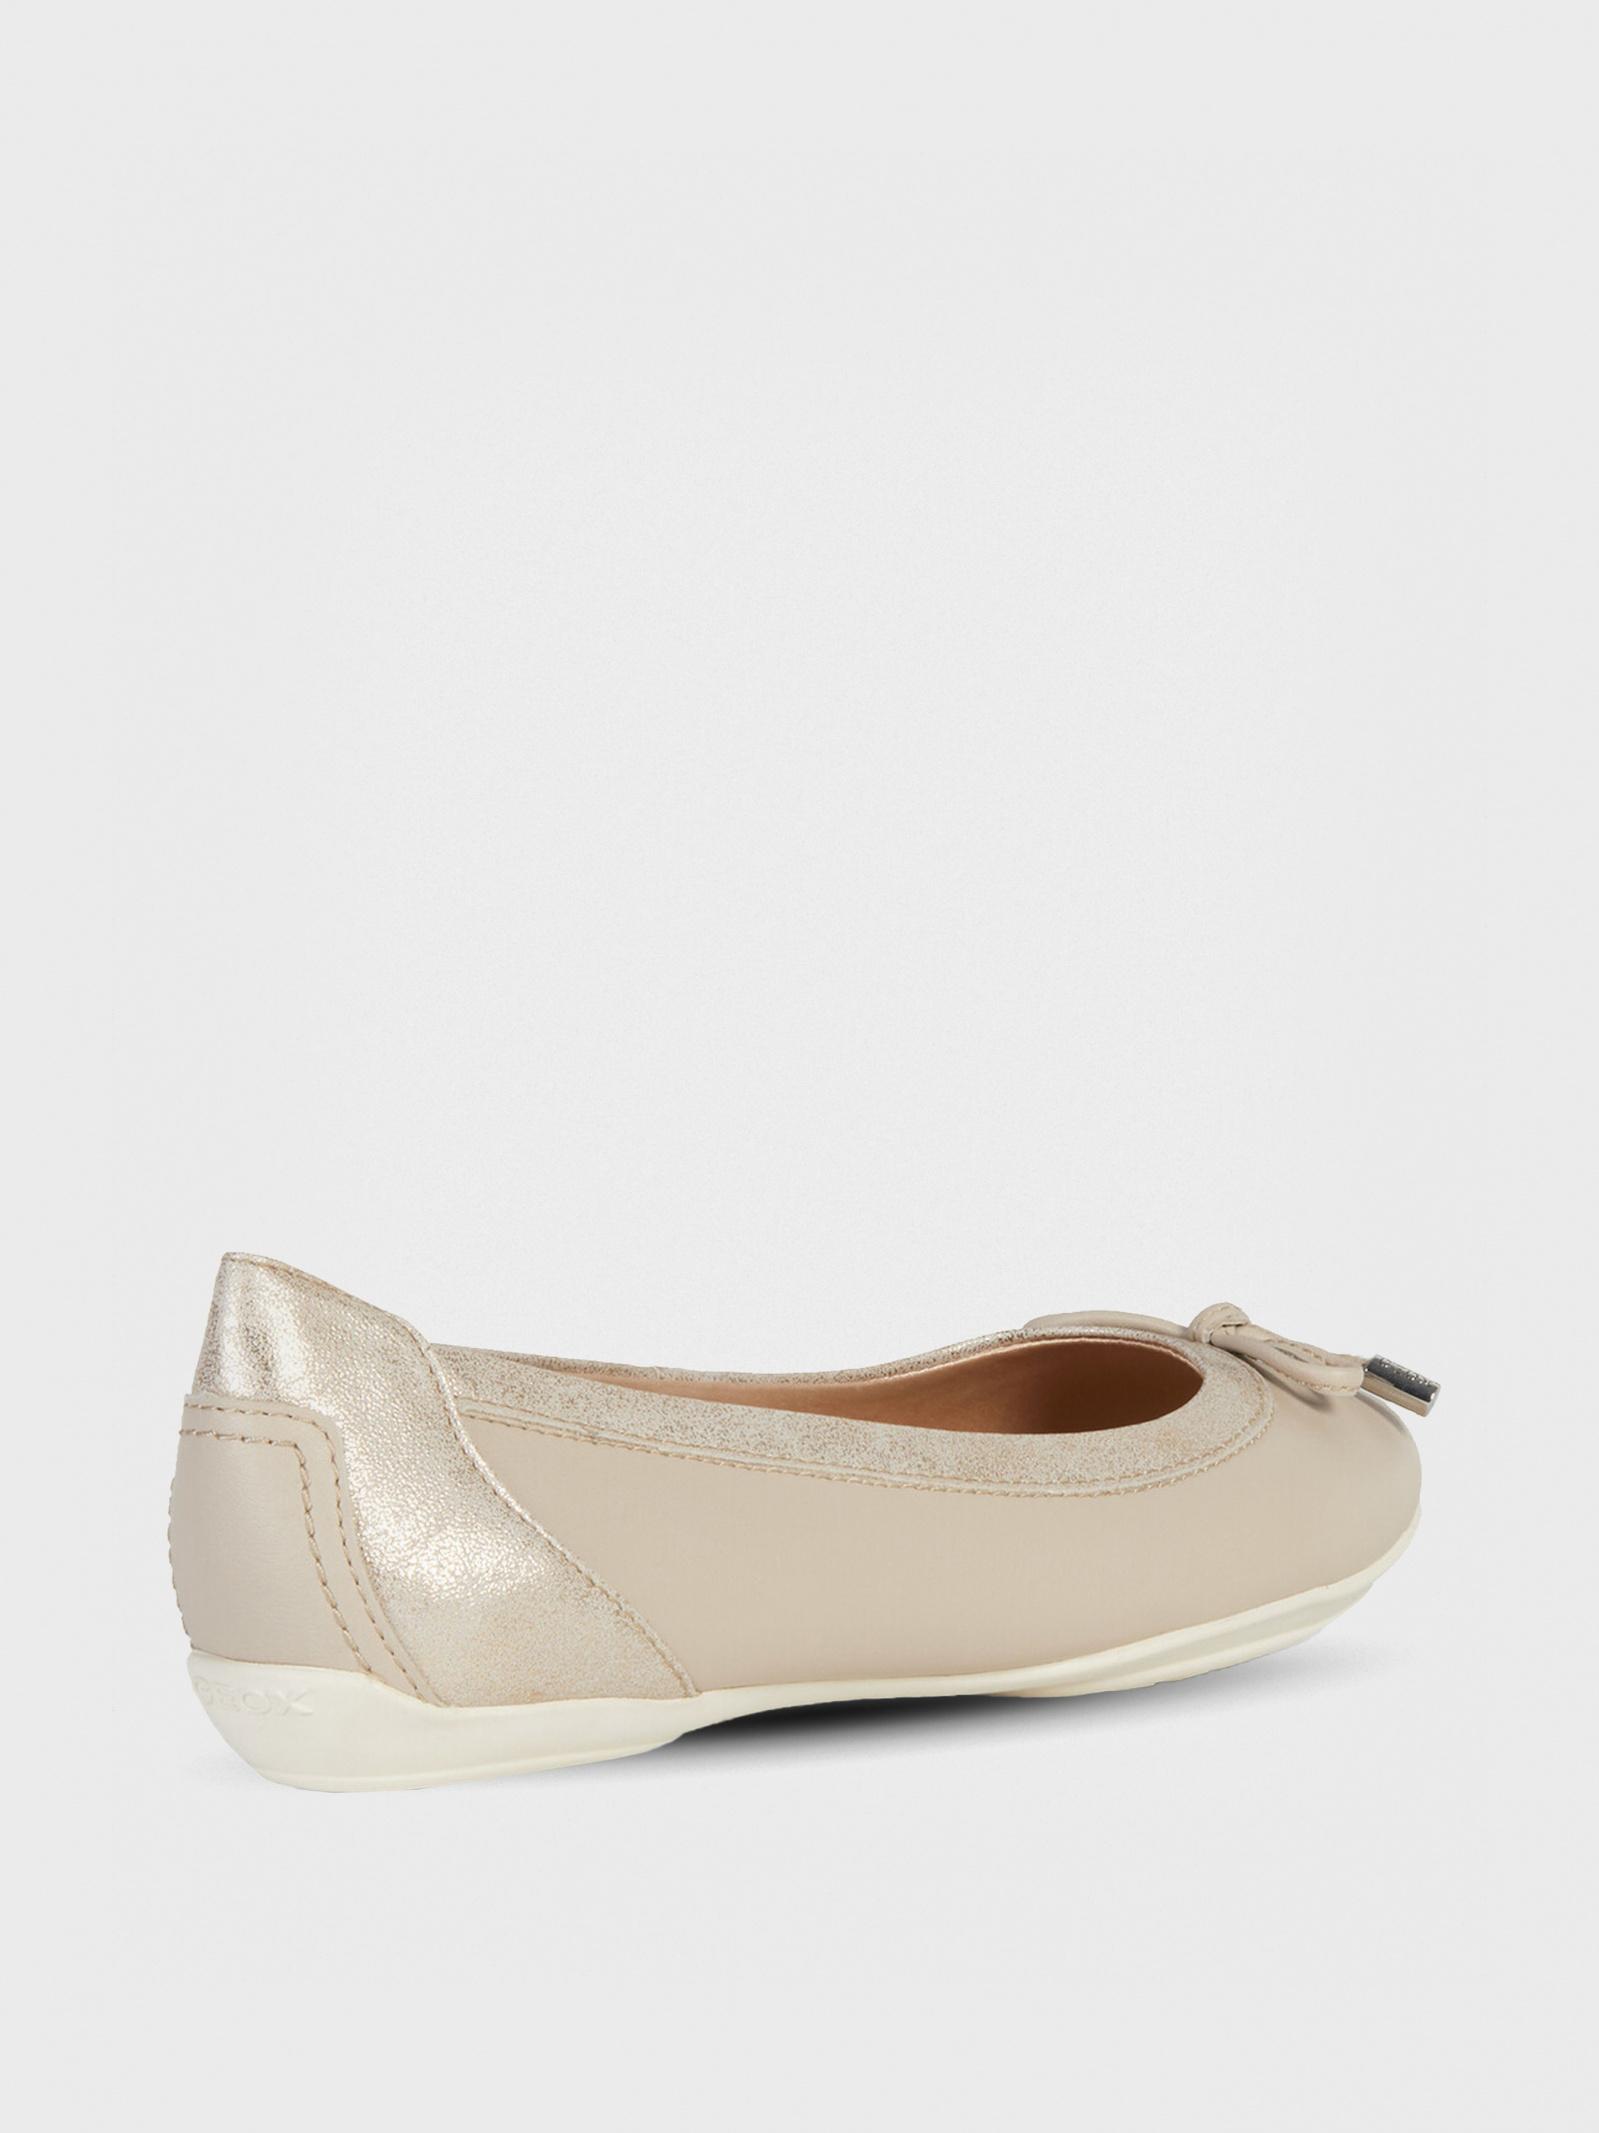 Балетки для женщин Geox D CHARLENE XW3957 размеры обуви, 2017